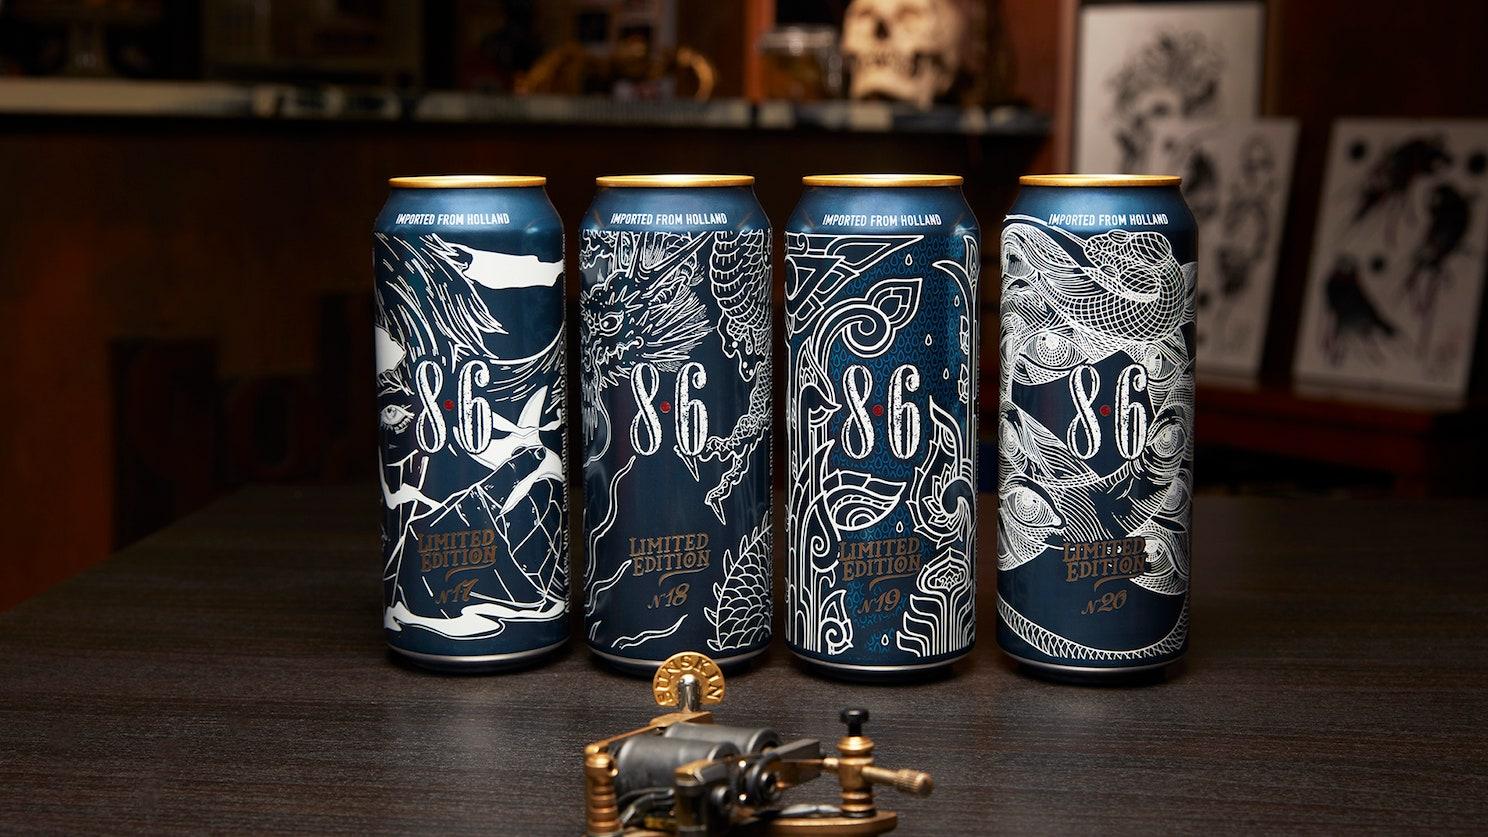 La birra tatuata ad arte: da gustare e collezionare